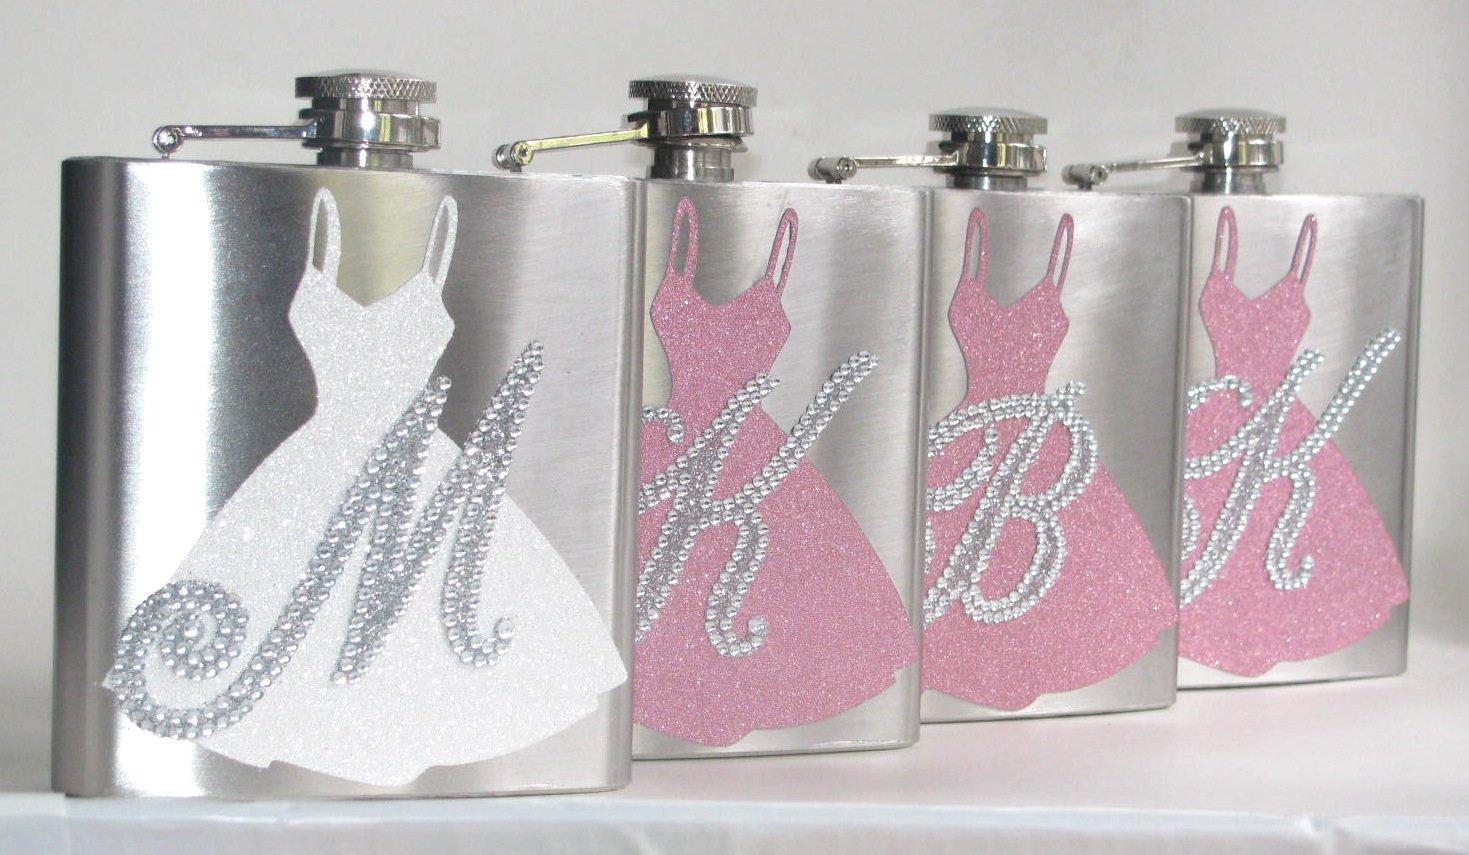 【ラッピング無料】 6色をPick 6色をPick FlasksはPersonalizedウェディング花嫁のブライドメイドグリッターキラキラBling 6オンスステンレス鋼酒ヒップフラスコギフト B01BXQ17D8, タナカスポーツ:218b0271 --- portfolio.studioalex.nl